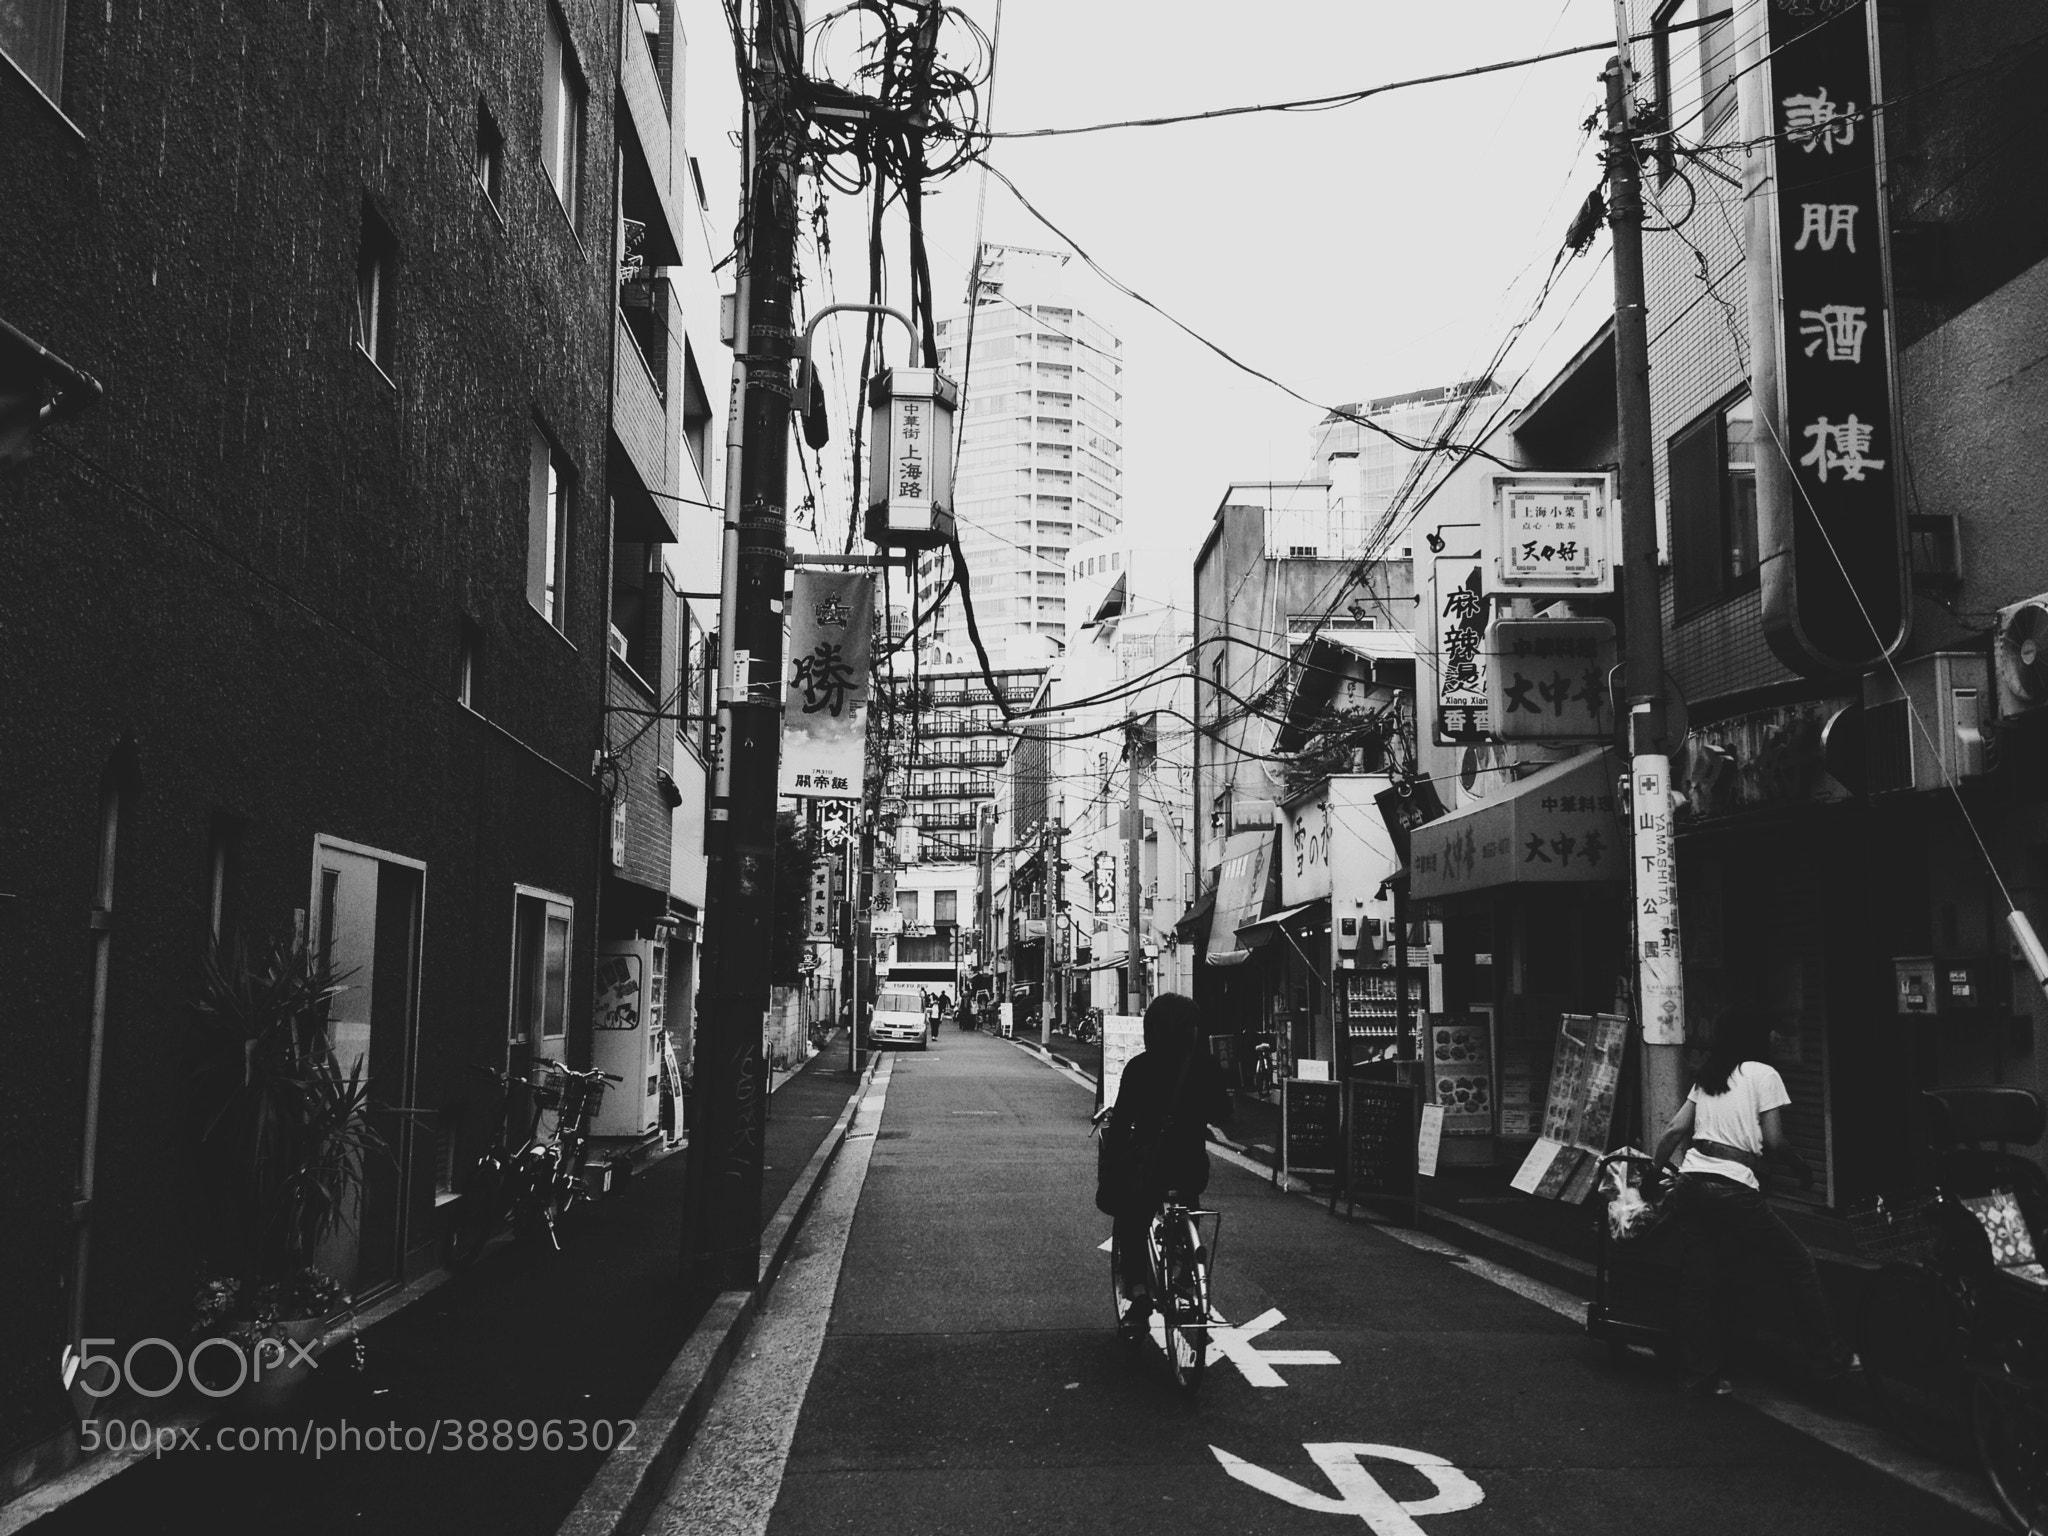 Photograph Rua da Shanghai by Satoshi Tomiyama on 500px